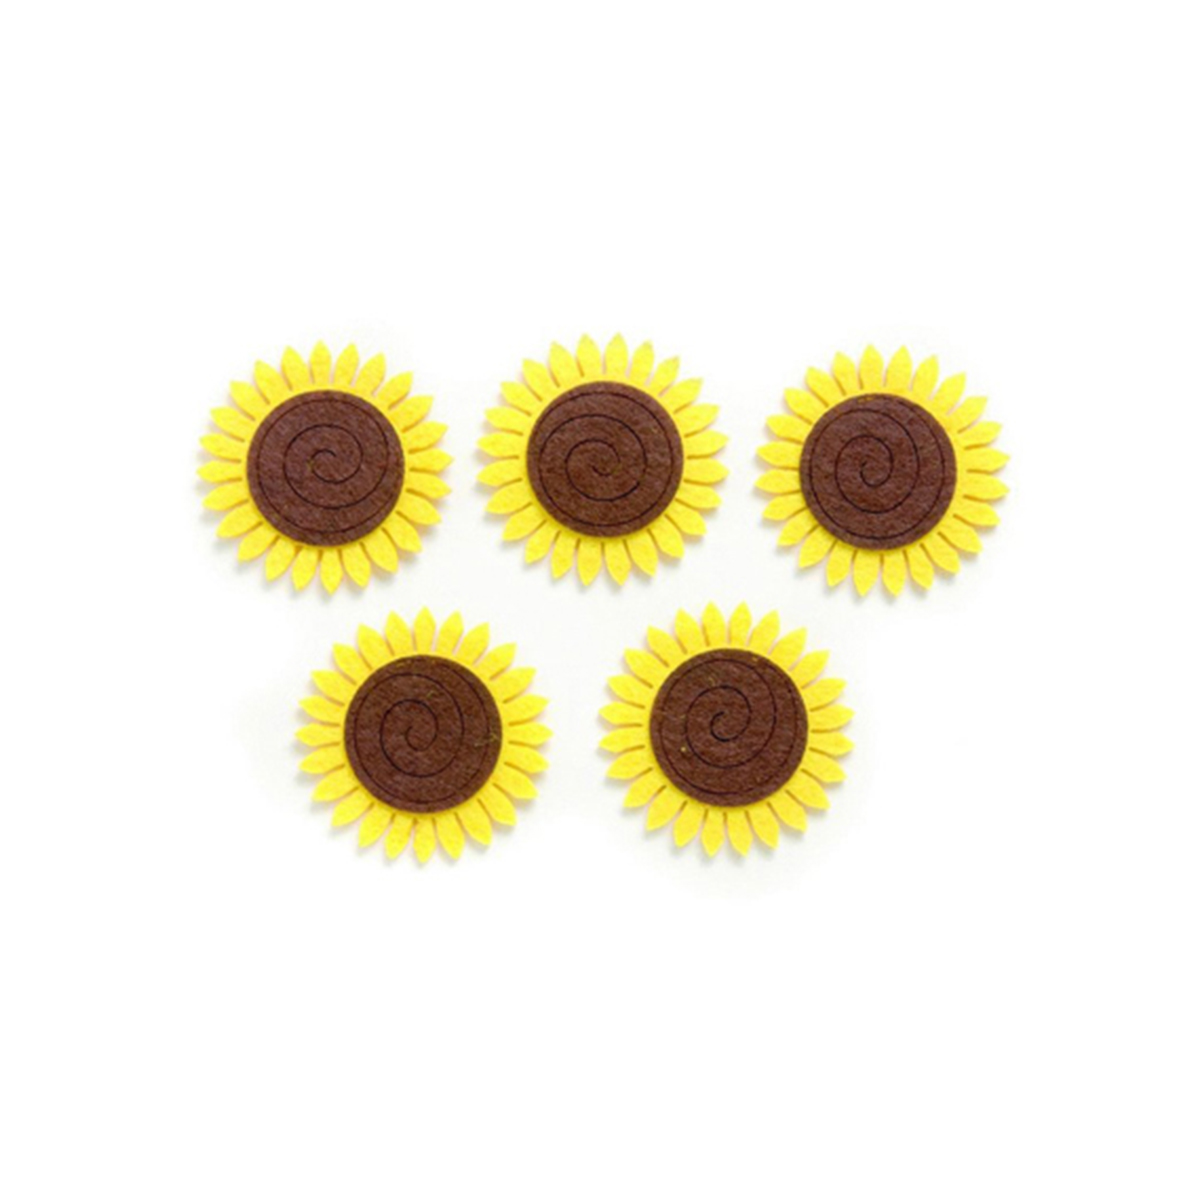 Фигурки из фетра Glorex Подсолнухи, цвет: желтый, коричневый, 5 см, 5 шт318691Фетр пользуется большой популярностью среди рукодельниц. Его любят за эстетичный вид, практичность и отличную текстуру. Из данного материала вашему вниманию предлагаются заготовки Glorex. Широкое разнообразие цветов и форм поможет реализовать творческие задумки и гармоничным образом дополнить ваше творение. Из фетра можно создавать обложки для книг, ежедневников, игрушки, декоративные чехлы для подушек и многое, многое другое.